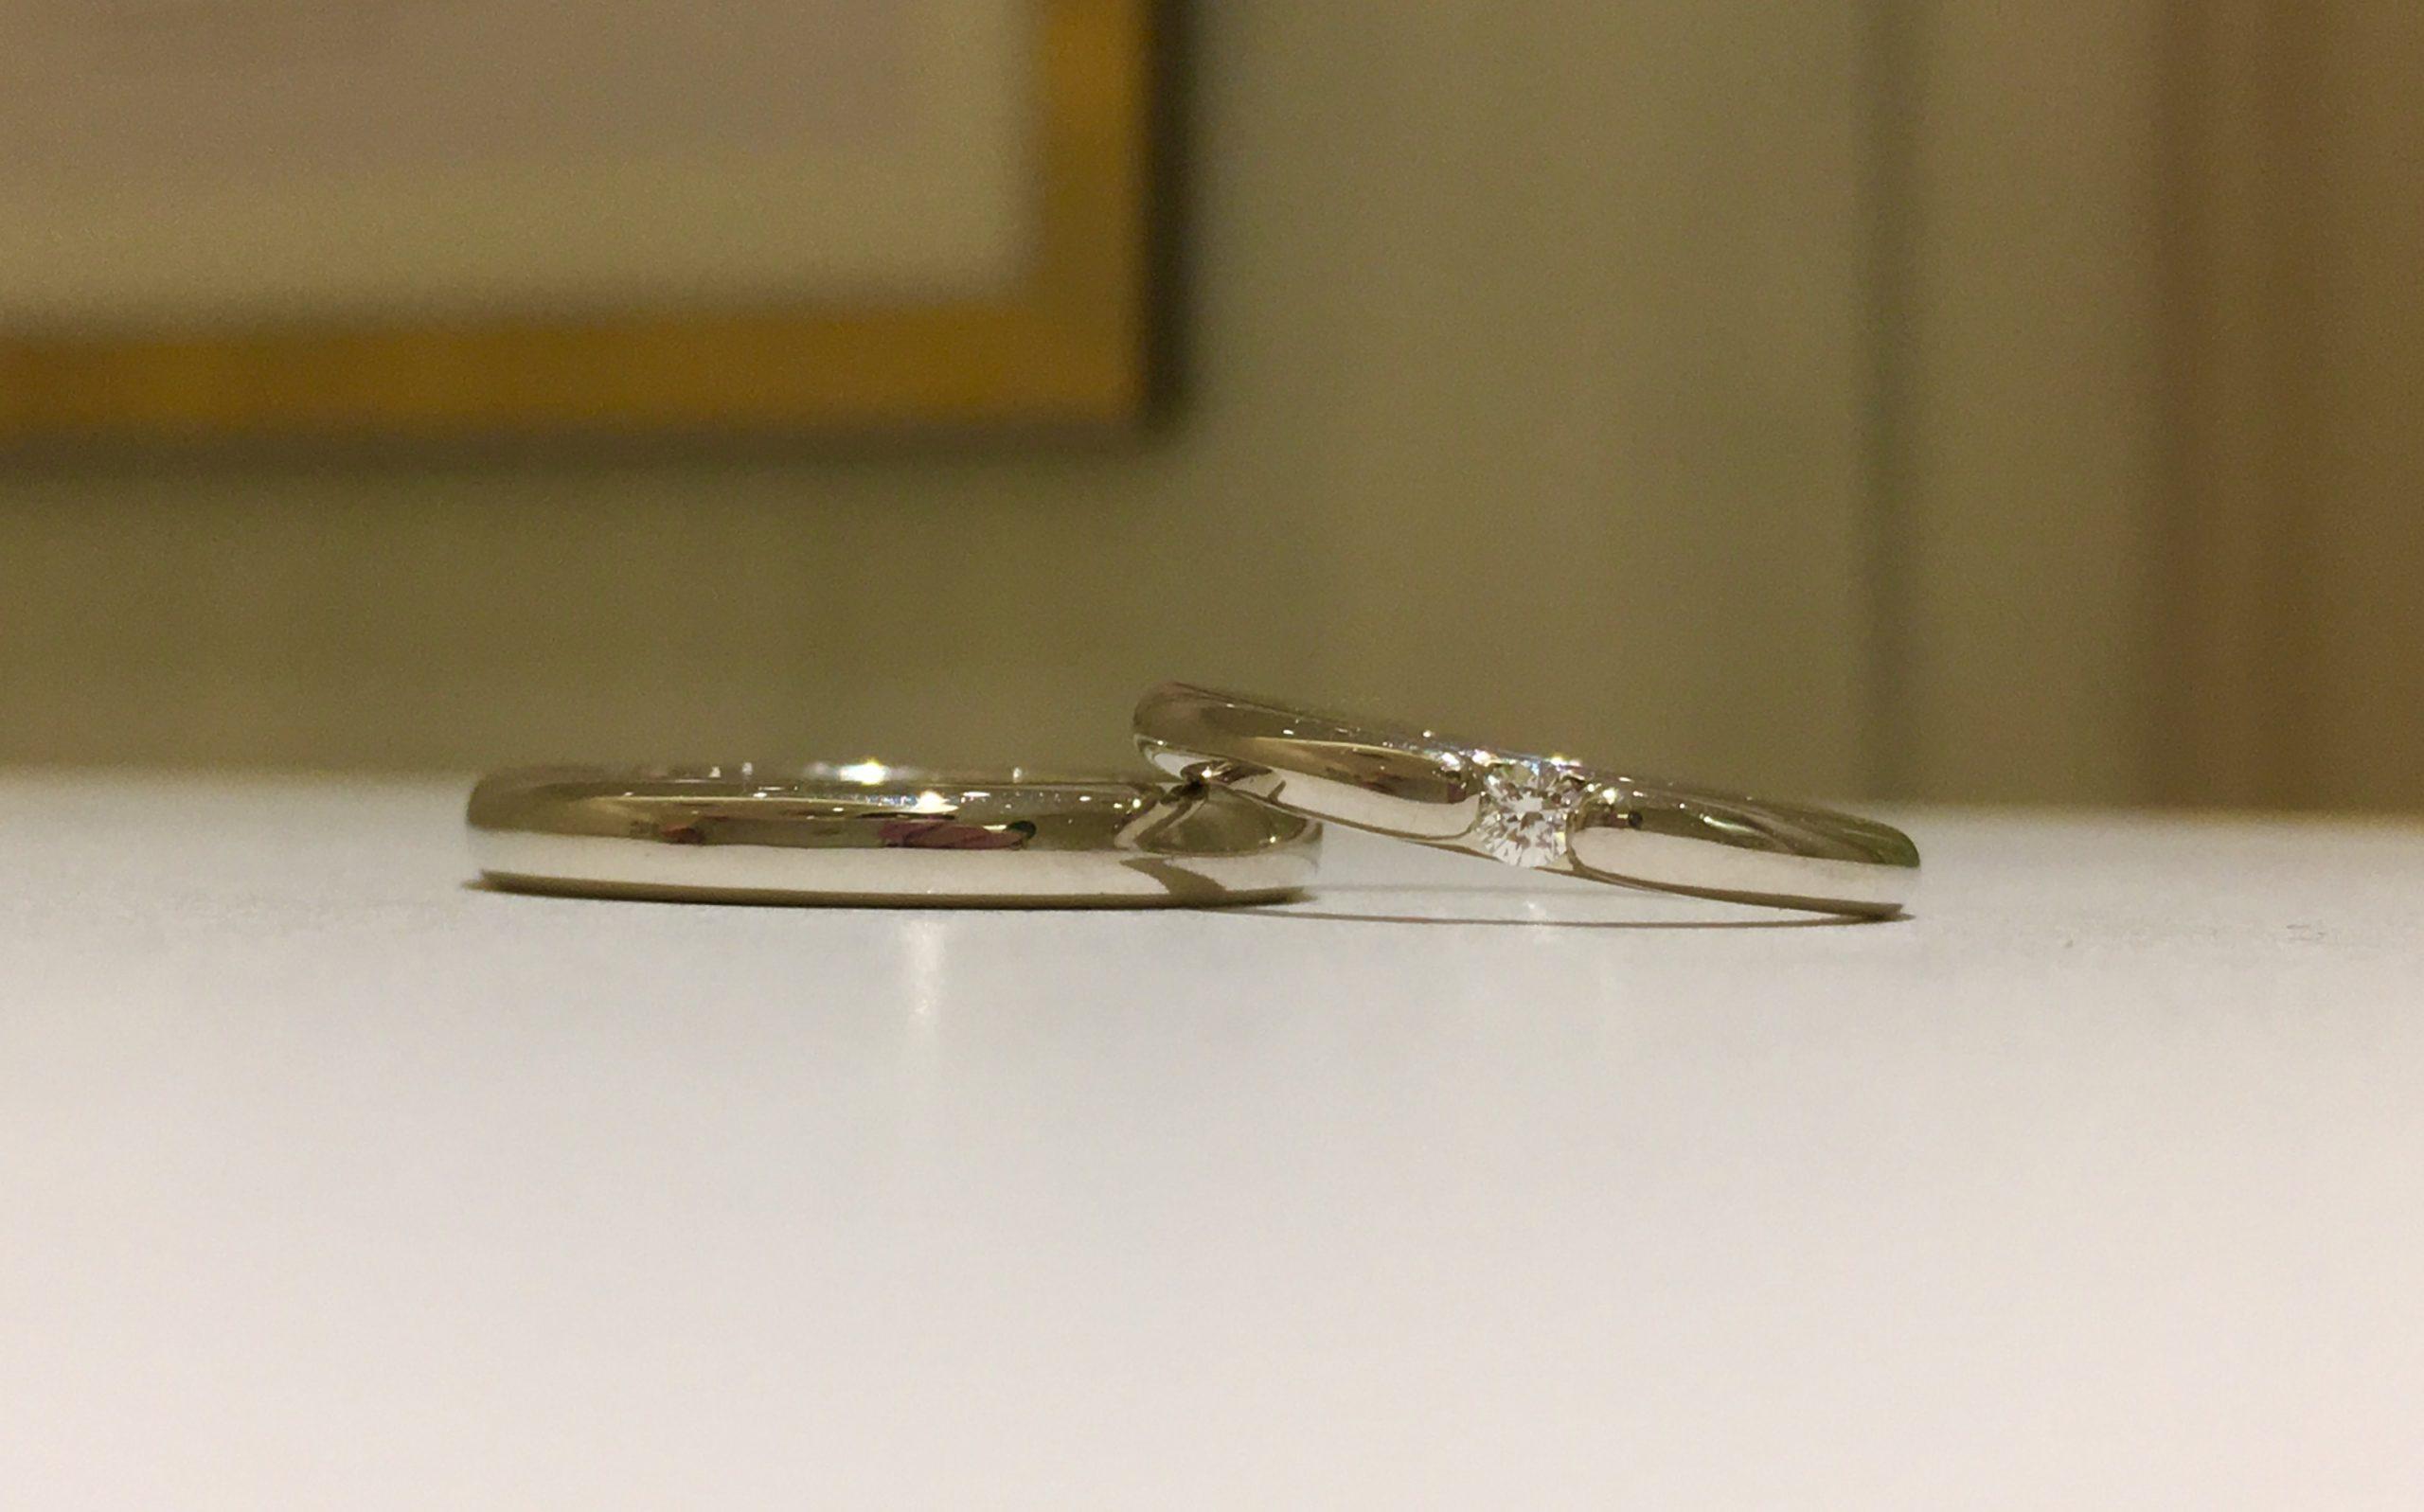 モニッケンダム,結婚指輪,人気,世界三大カッターズブランド,仙台,ダイヤモンド